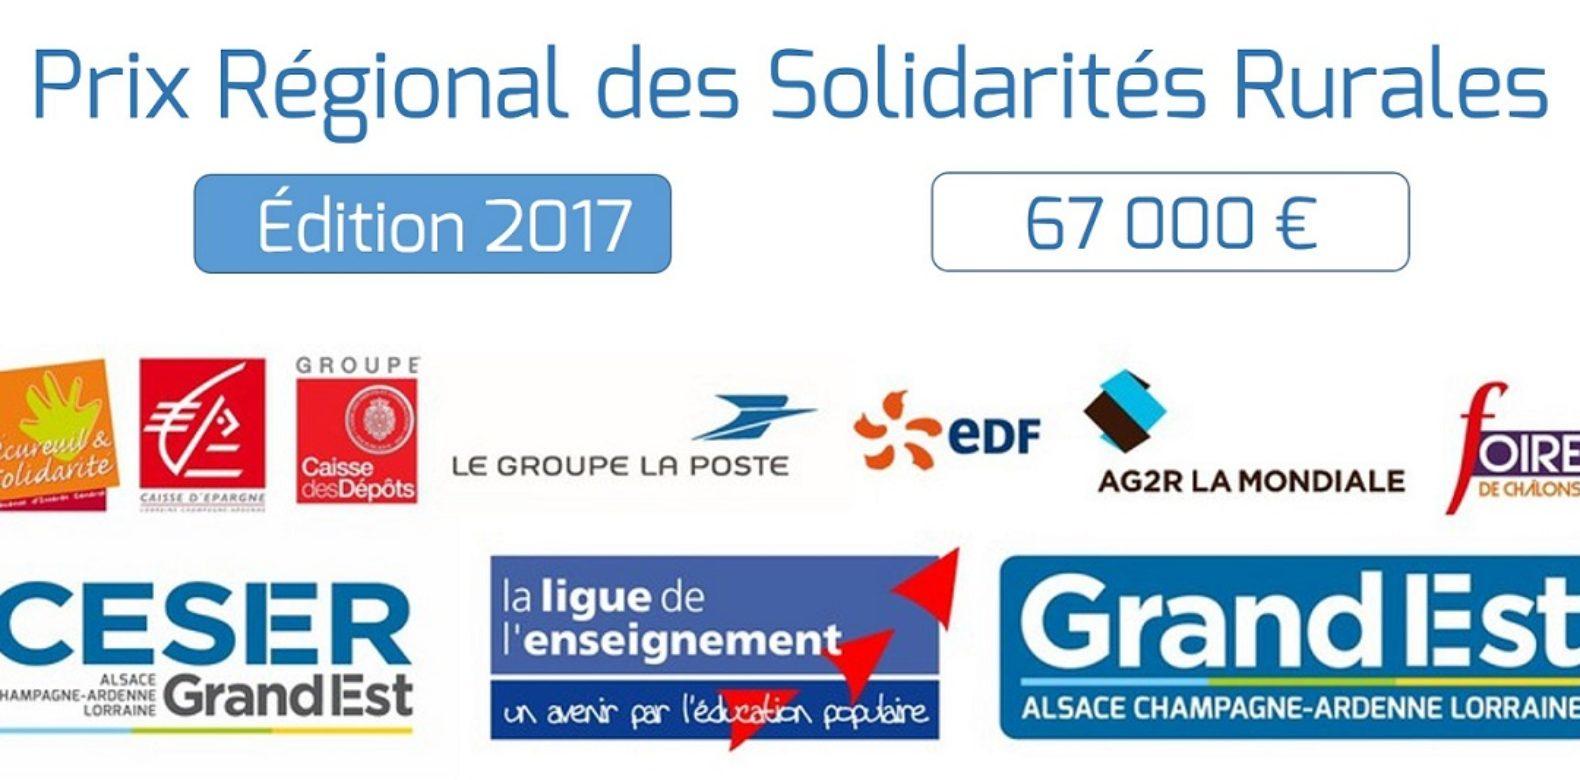 Prix Régional des Solidarités Rurales 2017